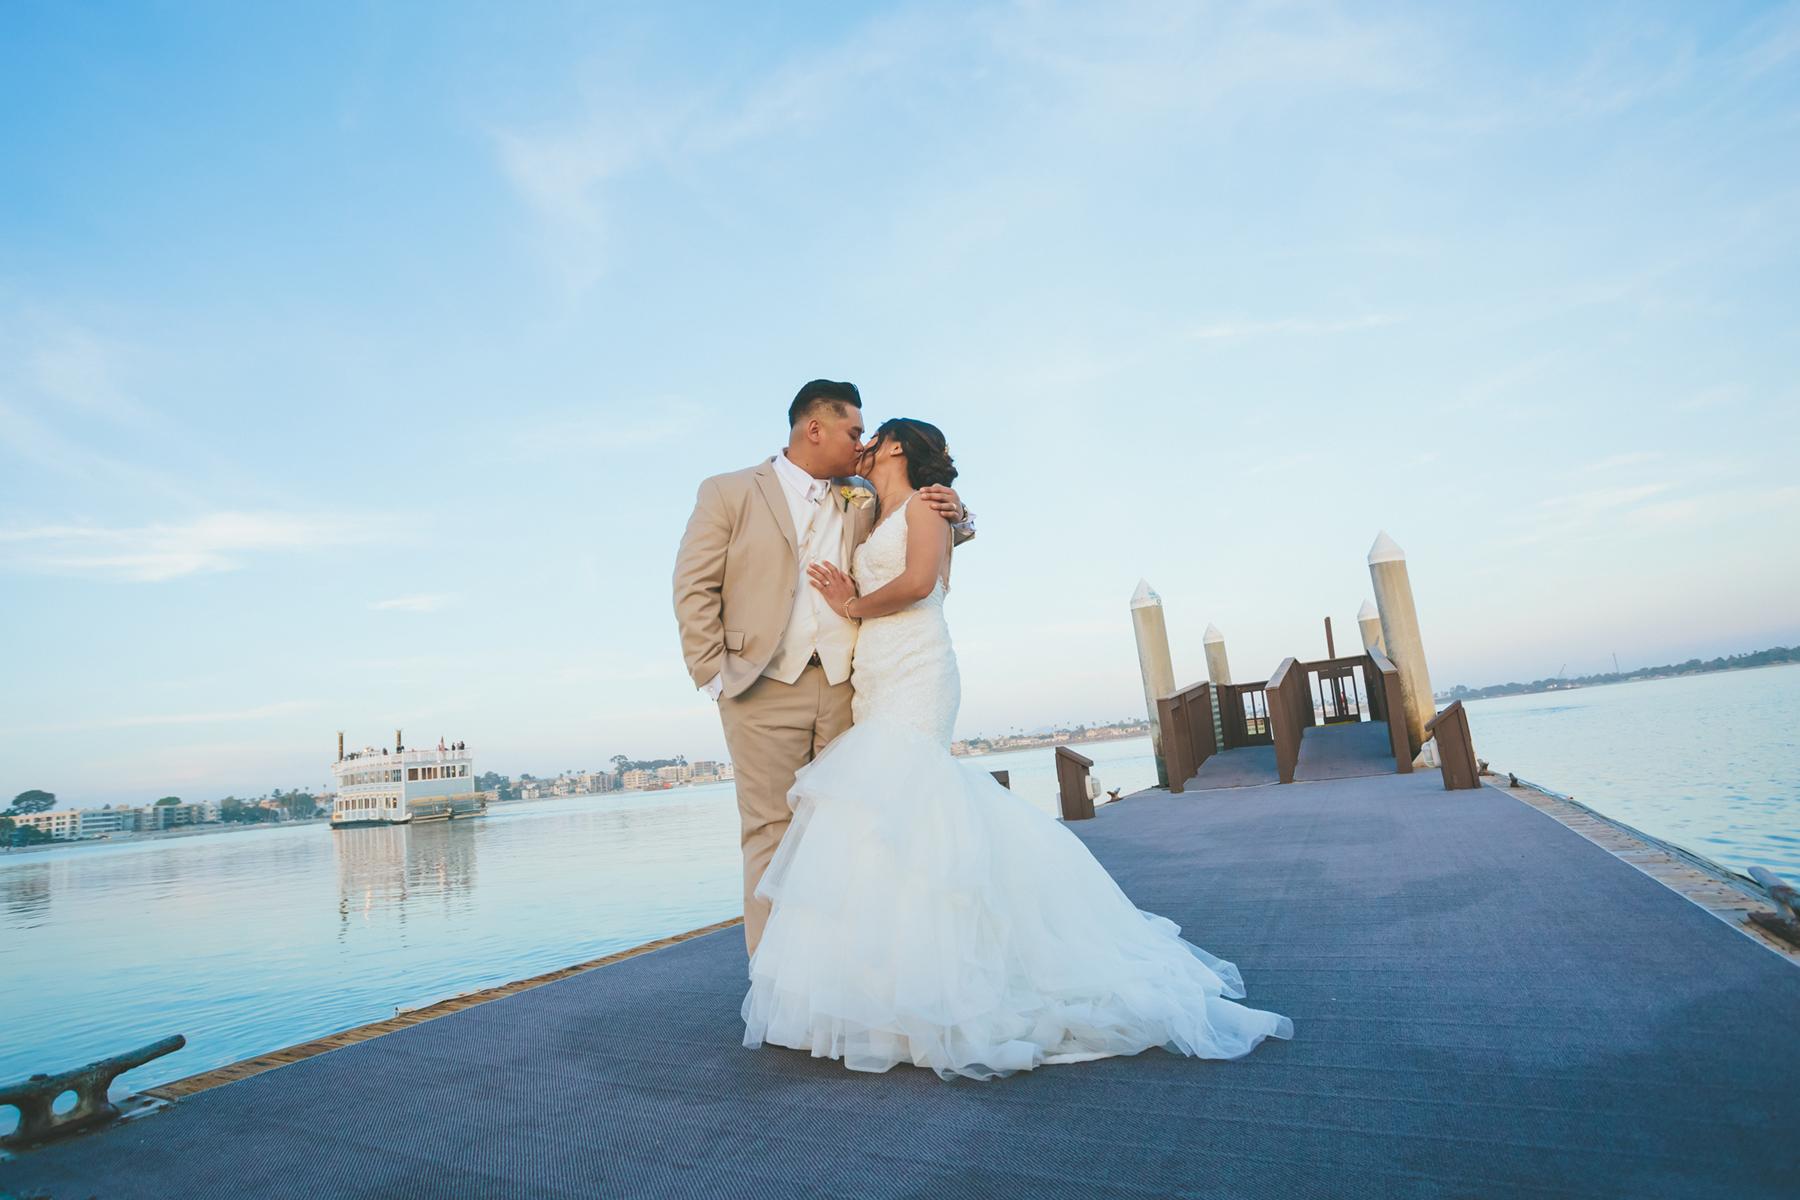 20180505_wedding_ednakris_0514_p_29704318198_o.jpg